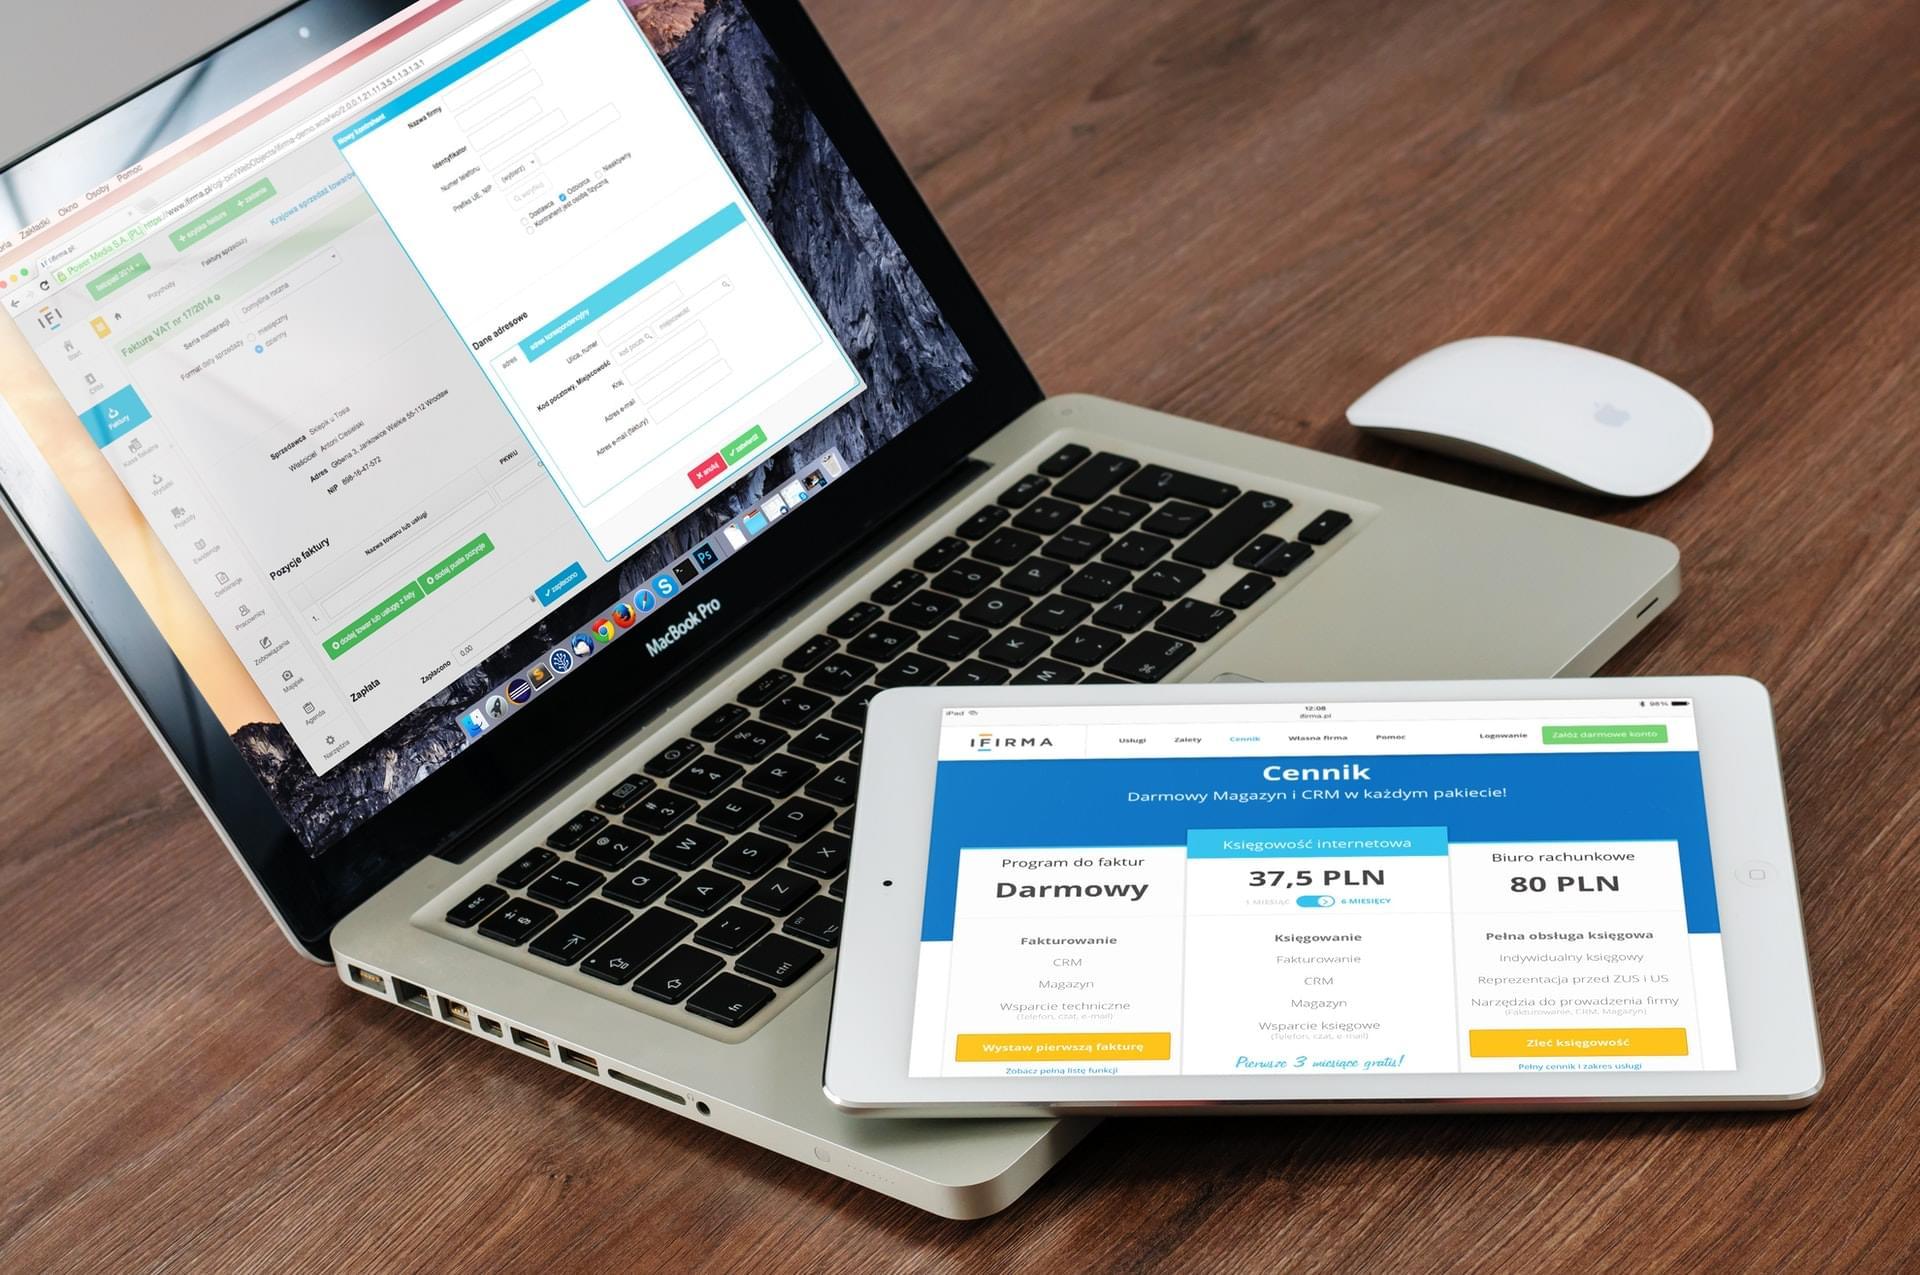 Fertige Web-App auf PC und Tablet